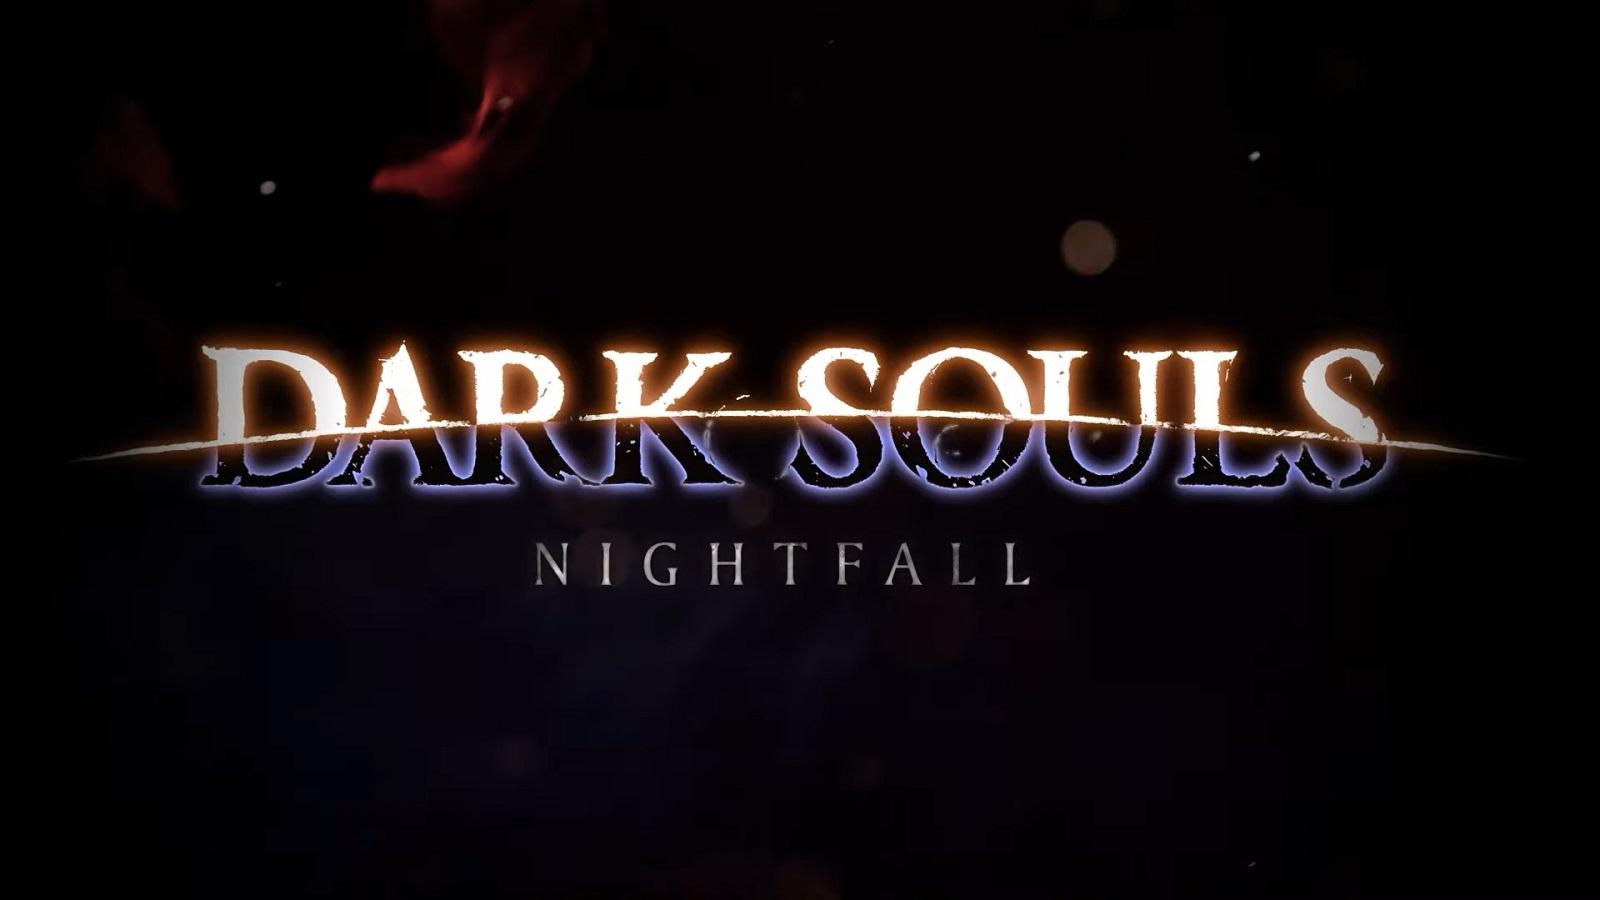 Группа моддеров показала игровой процесс Nightfall — модификации-сиквела оригинальной Dark Souls